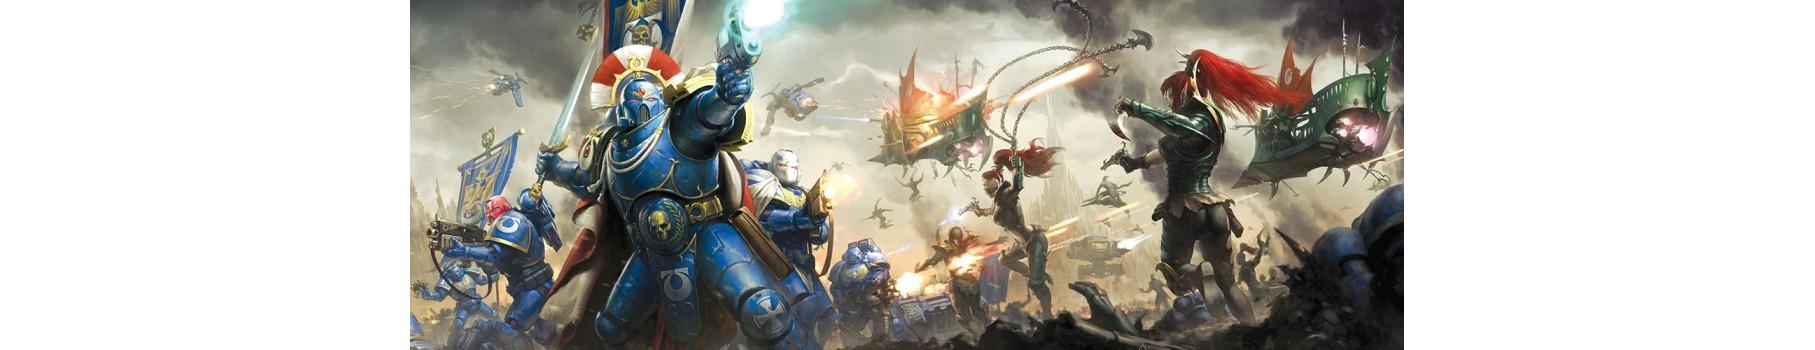 L'Univers Warhammer 40K - Conquest de votre Ludicaire Au Chapeau Enchanté